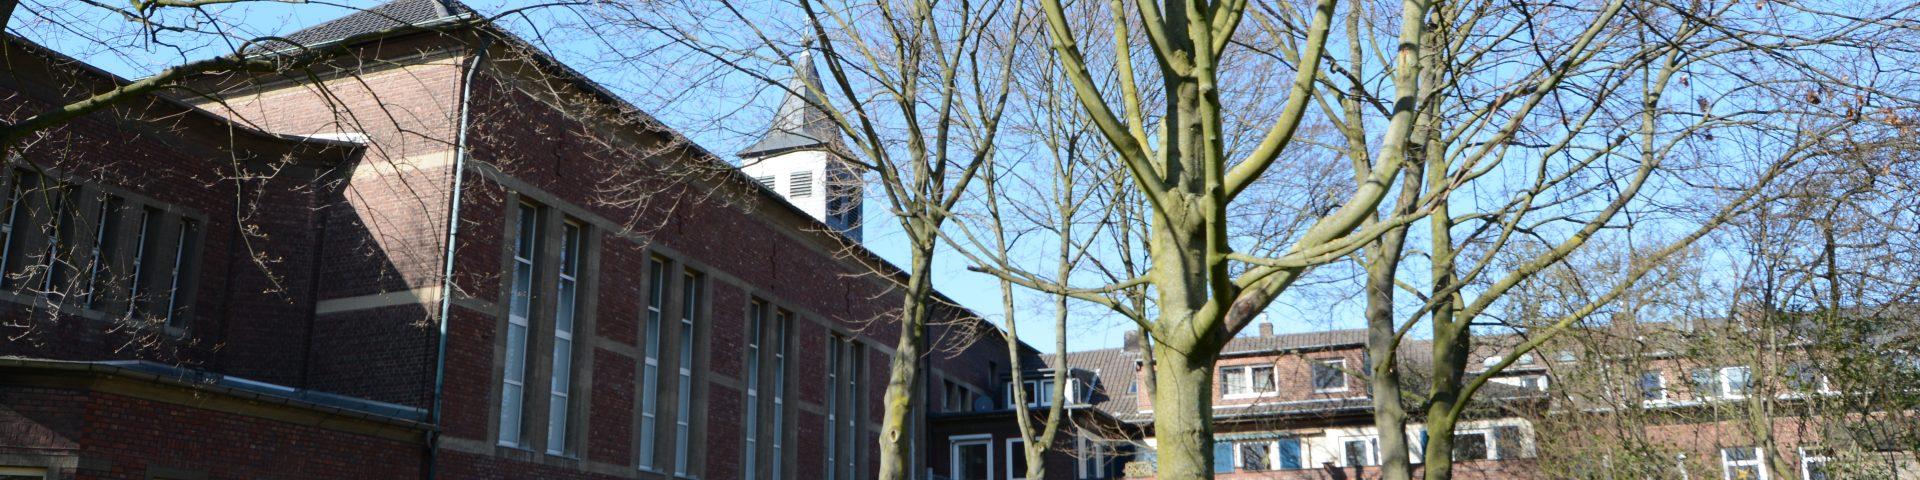 Lutherkirche von Süden aufgenommen